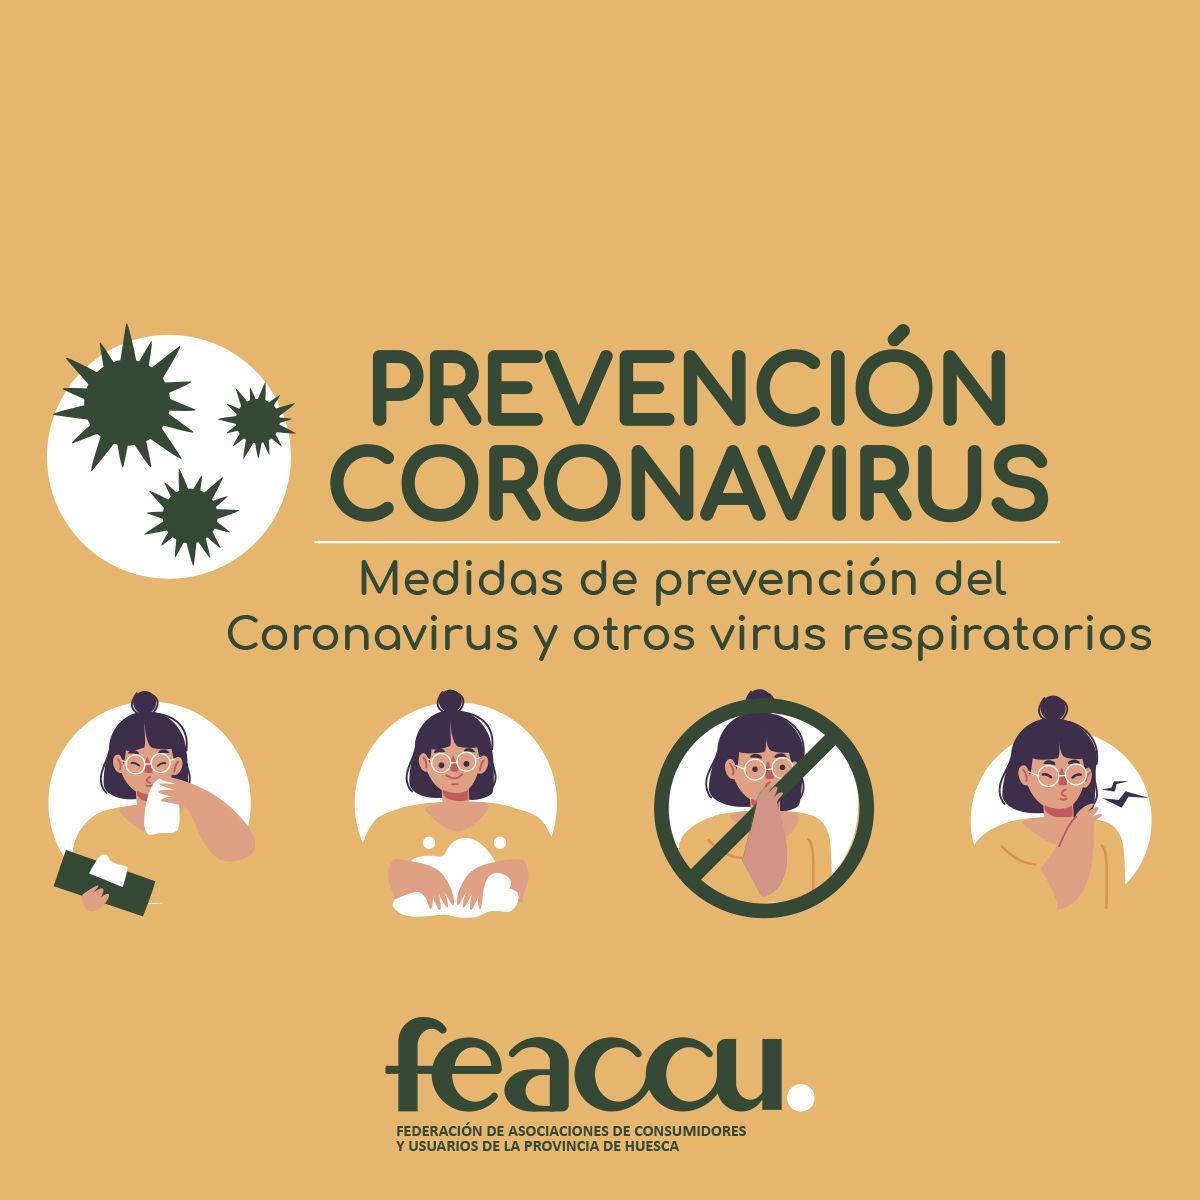 Medidas de prevención para hacer frente al COVID-19